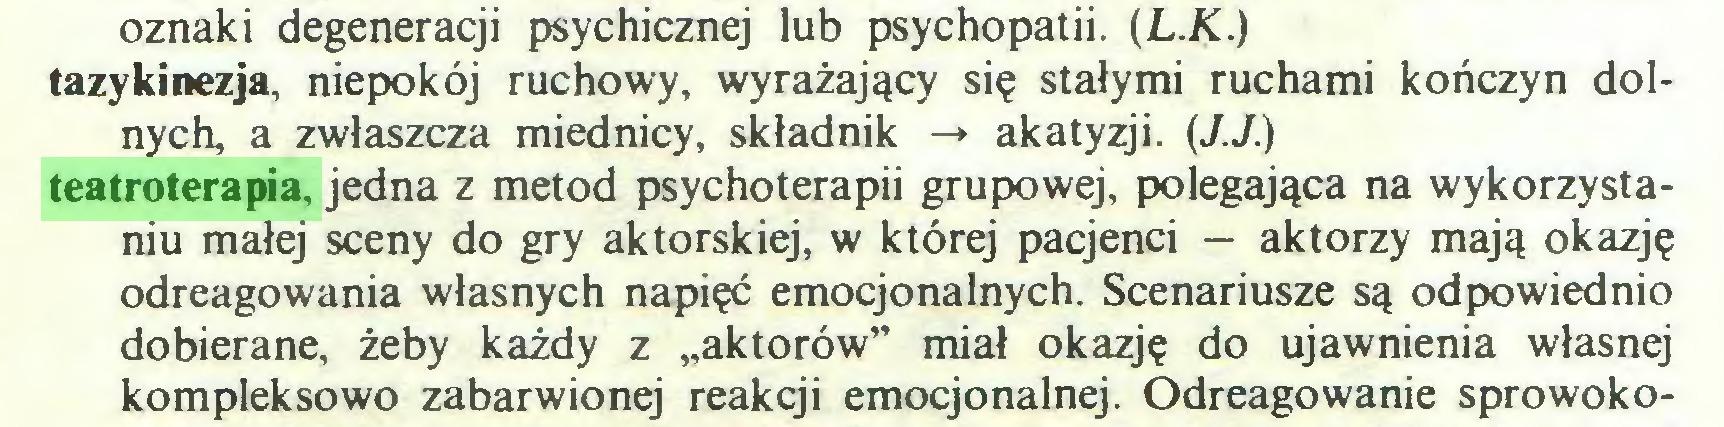 """(...) oznaki degeneracji psychicznej lub psychopatii. (L.K.) tazykinezja, niepokój ruchowy, wyrażający się stałymi ruchami kończyn dolnych, a zwłaszcza miednicy, składnik -» akatyzji. (J.J.) teatroterapia, jedna z metod psychoterapii grupowej, polegająca na wykorzystaniu małej sceny do gry aktorskiej, w której pacjenci — aktorzy mają okazję odreagowania własnych napięć emocjonalnych. Scenariusze są odpowiednio dobierane, żeby każdy z """"aktorów"""" miał okazję do ujawnienia własnej kompleksowo zabarwionej reakcji emocjonalnej. Odreagowanie sprowoko..."""